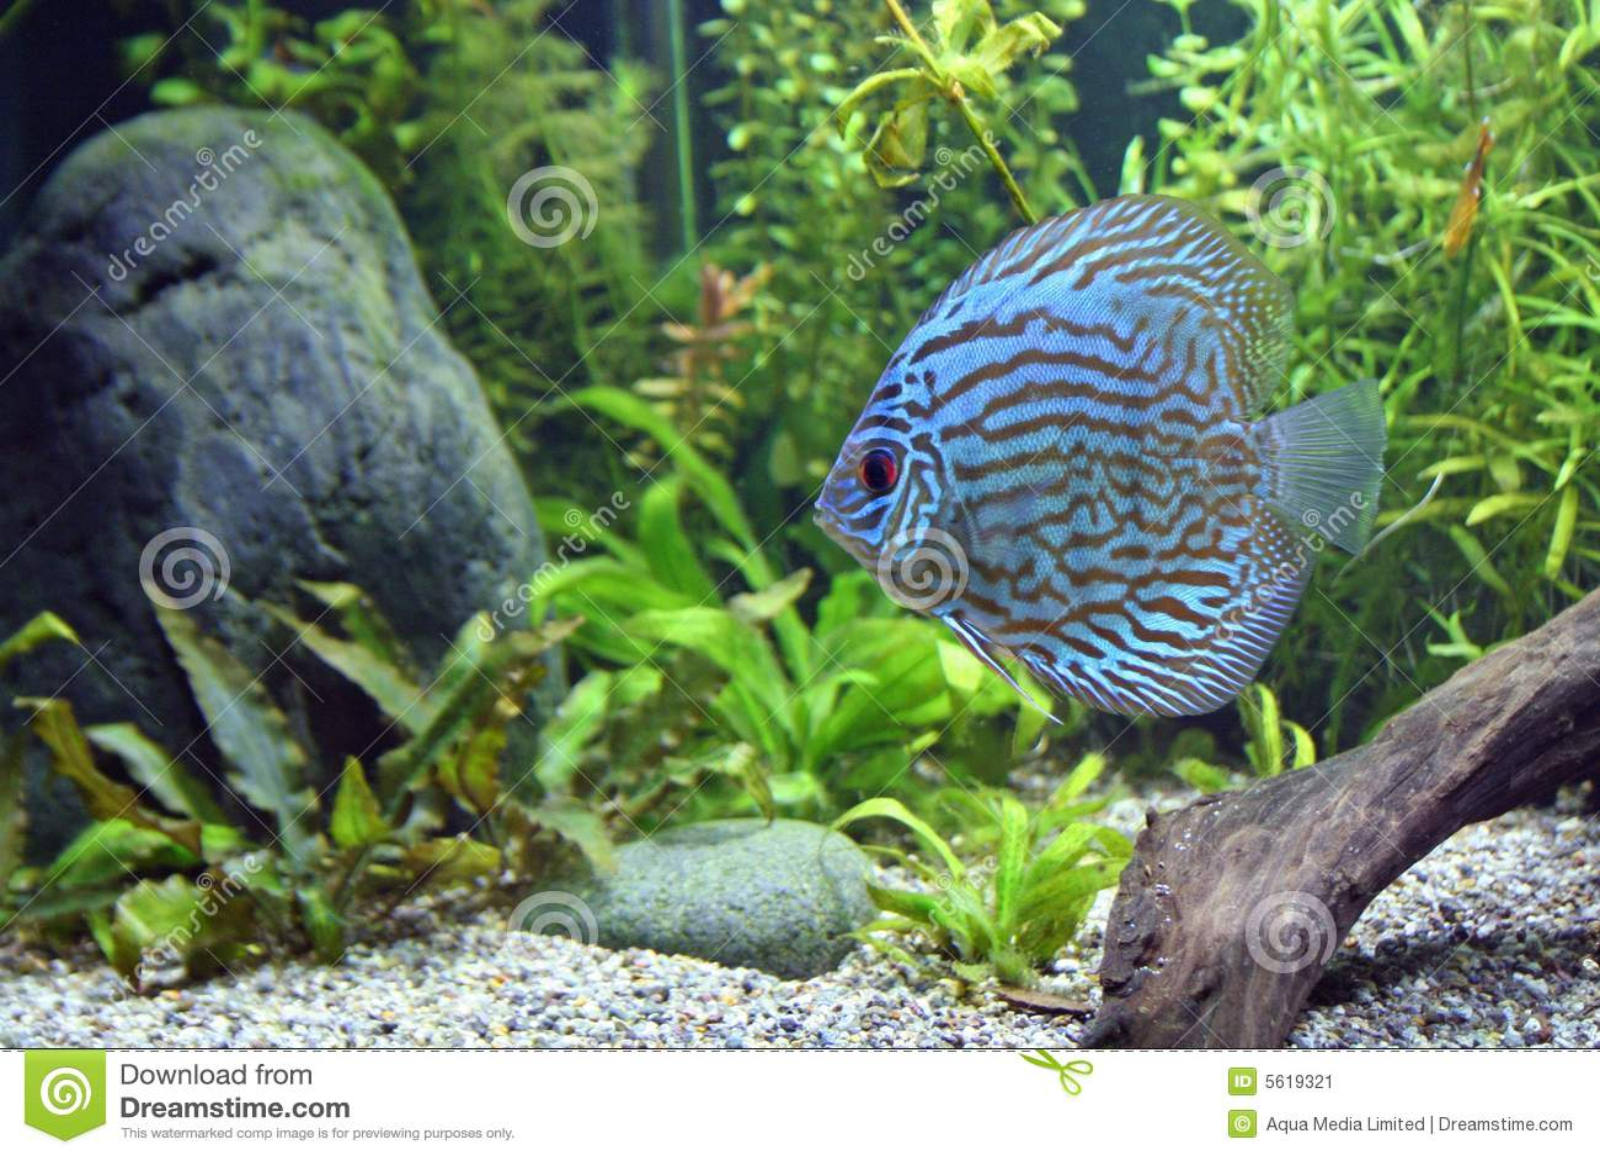 Blue turquoise discus fish blue turquoise discus fish